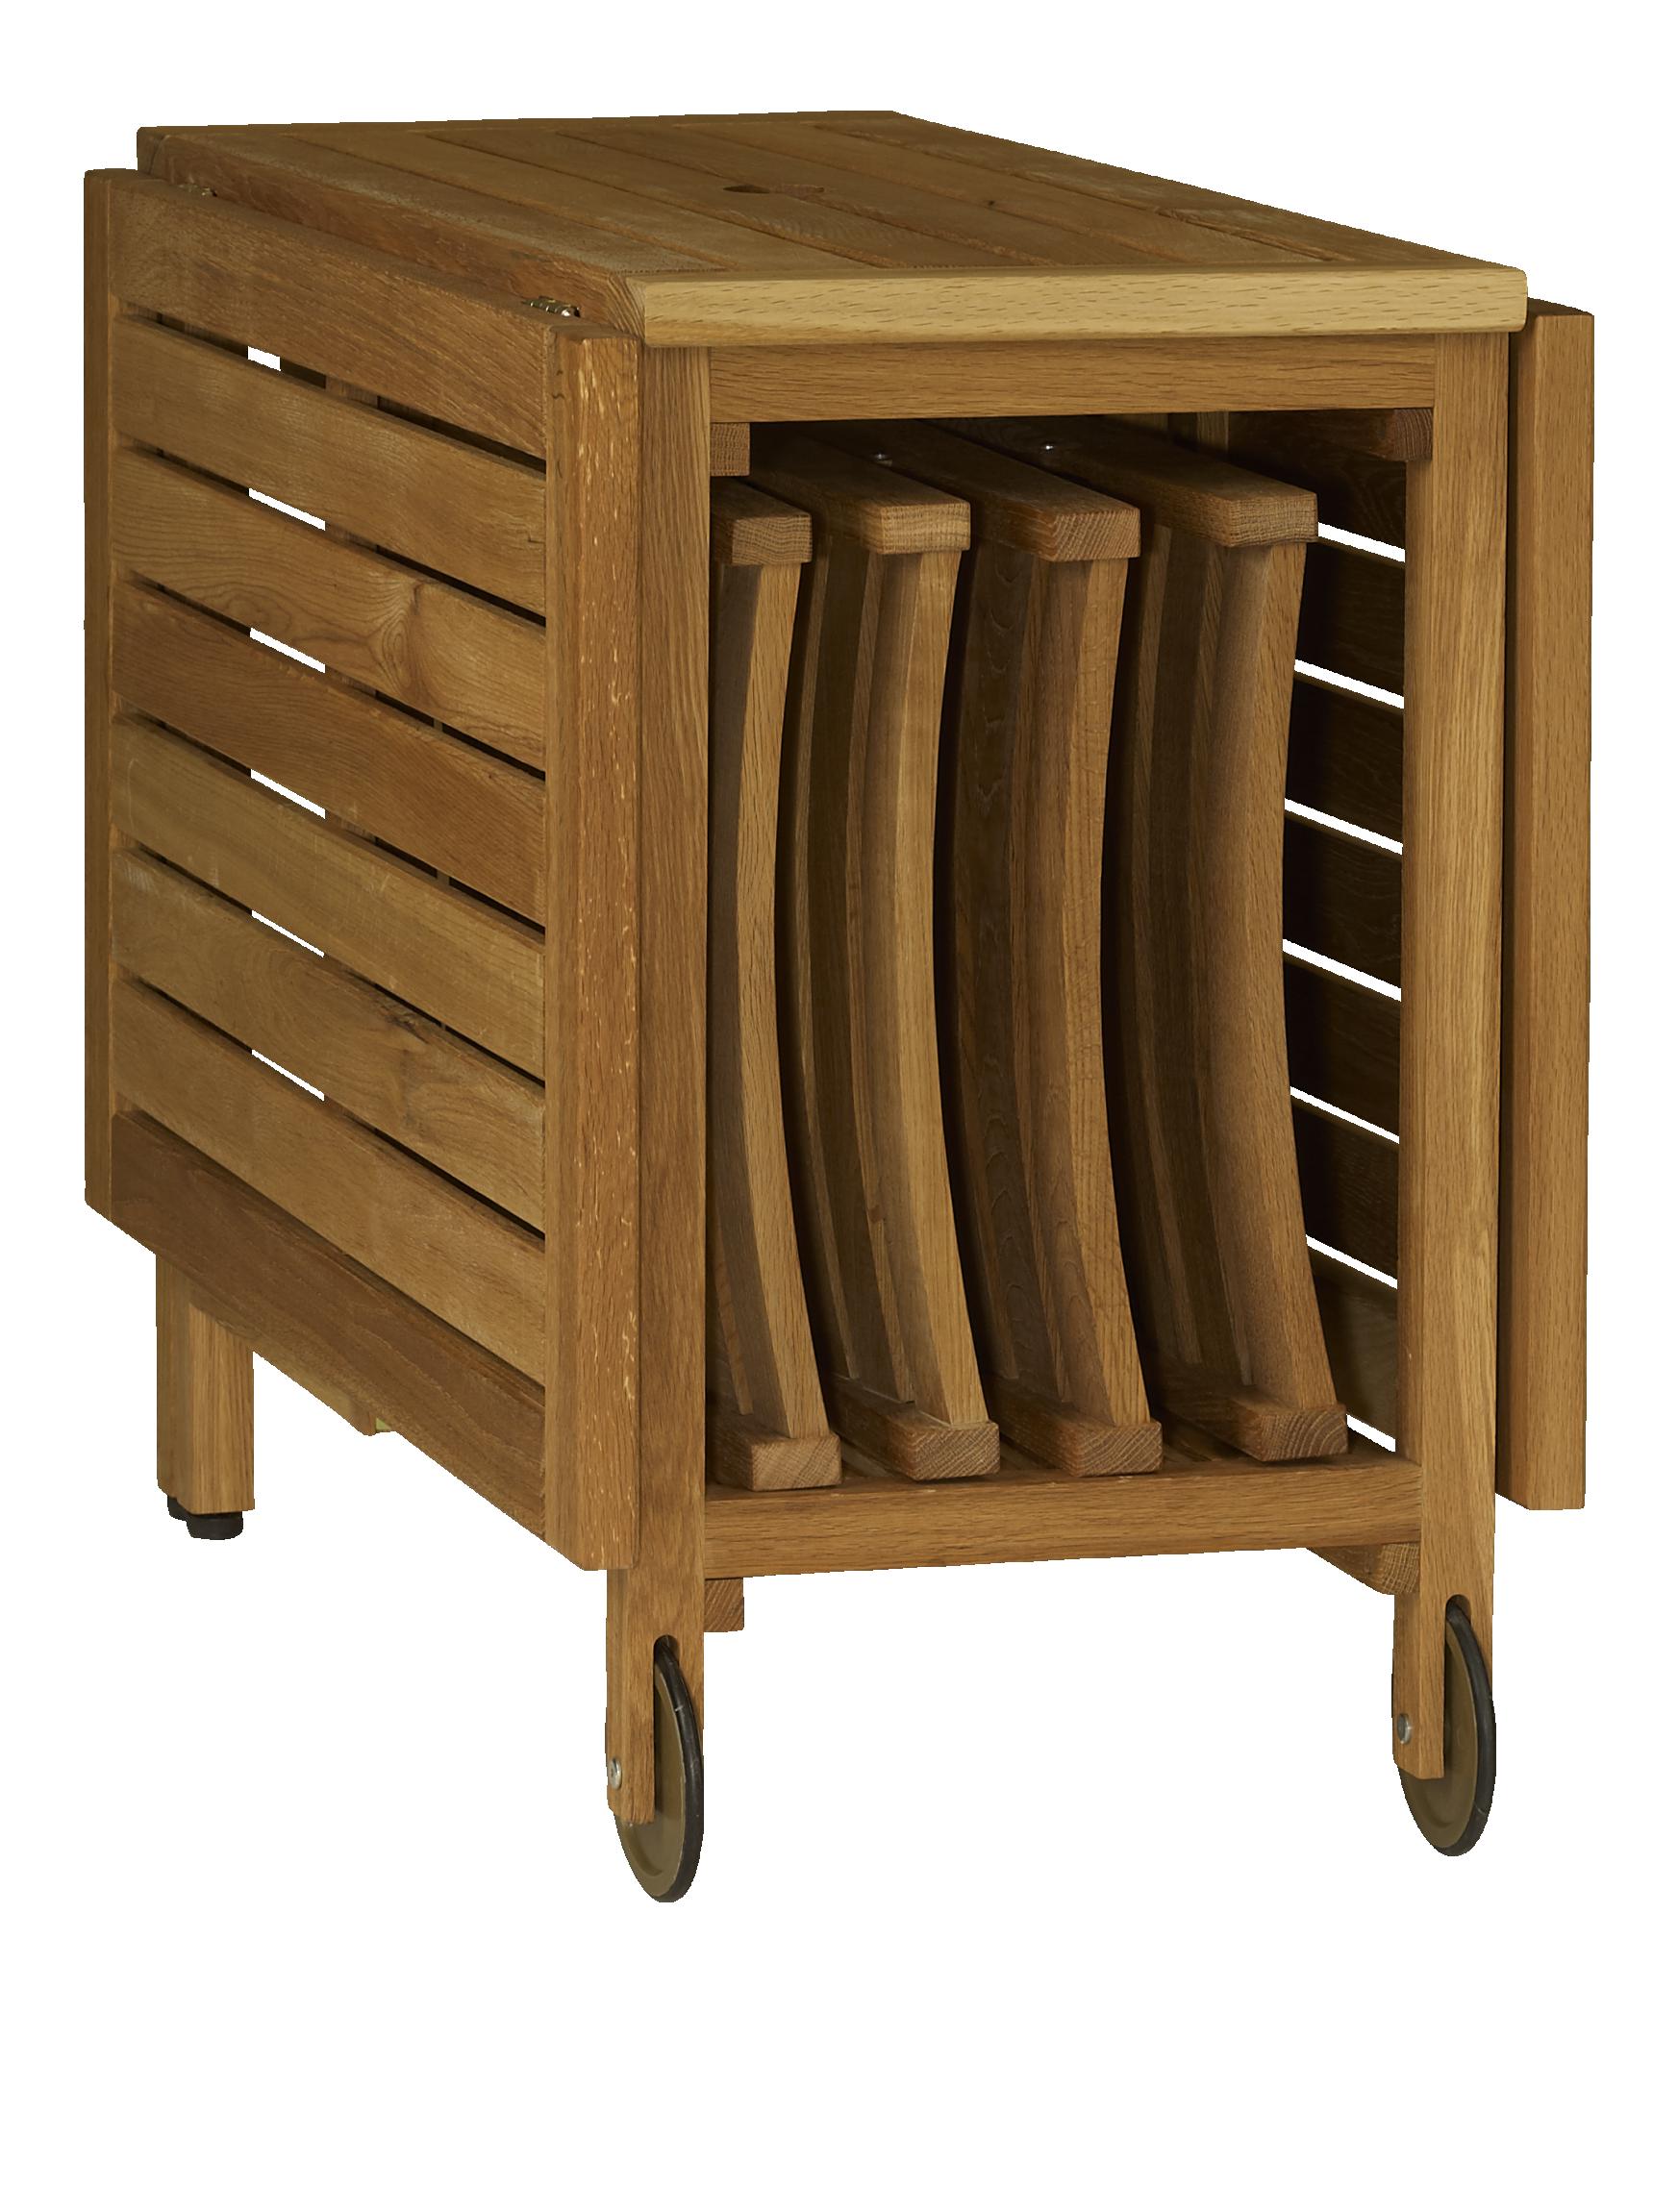 Zeno Table Pliante Et 4 Chaises En Chene Massif Huile 150 X 95 Cm Table Pliante Chaise Pliante Bois Et Table Extensible Bois